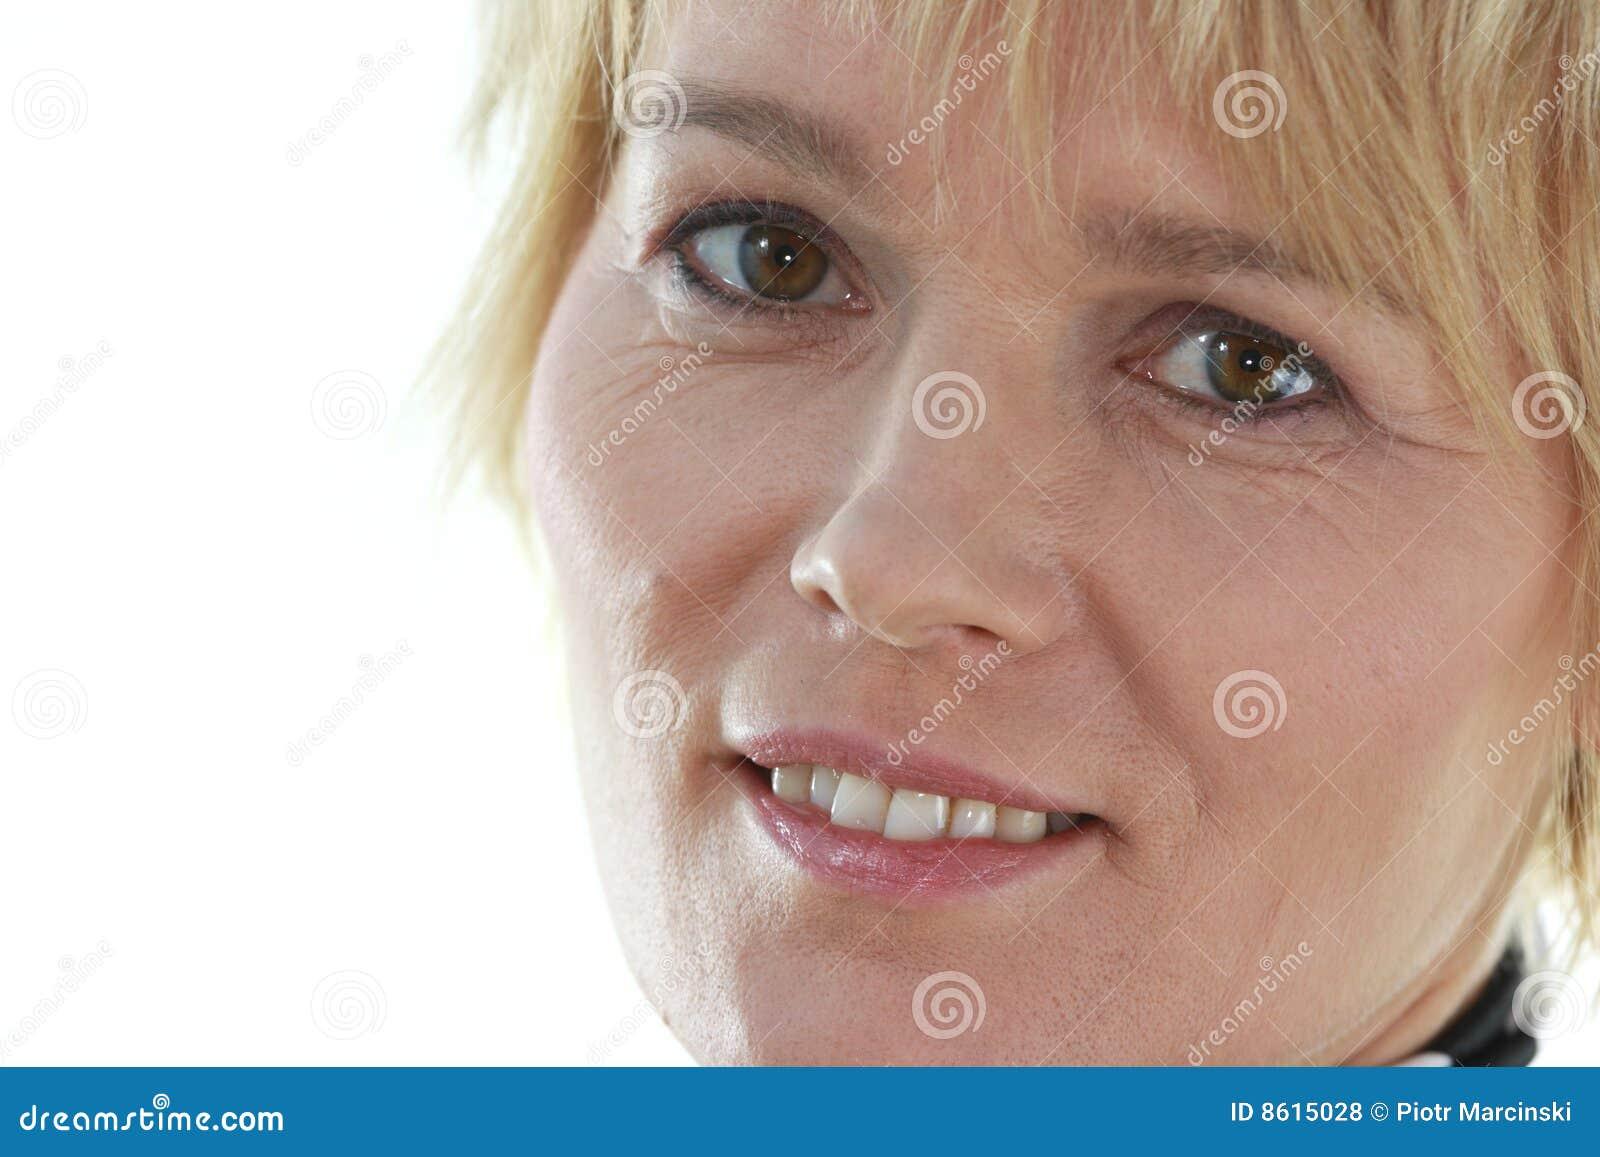 Older woman portrait